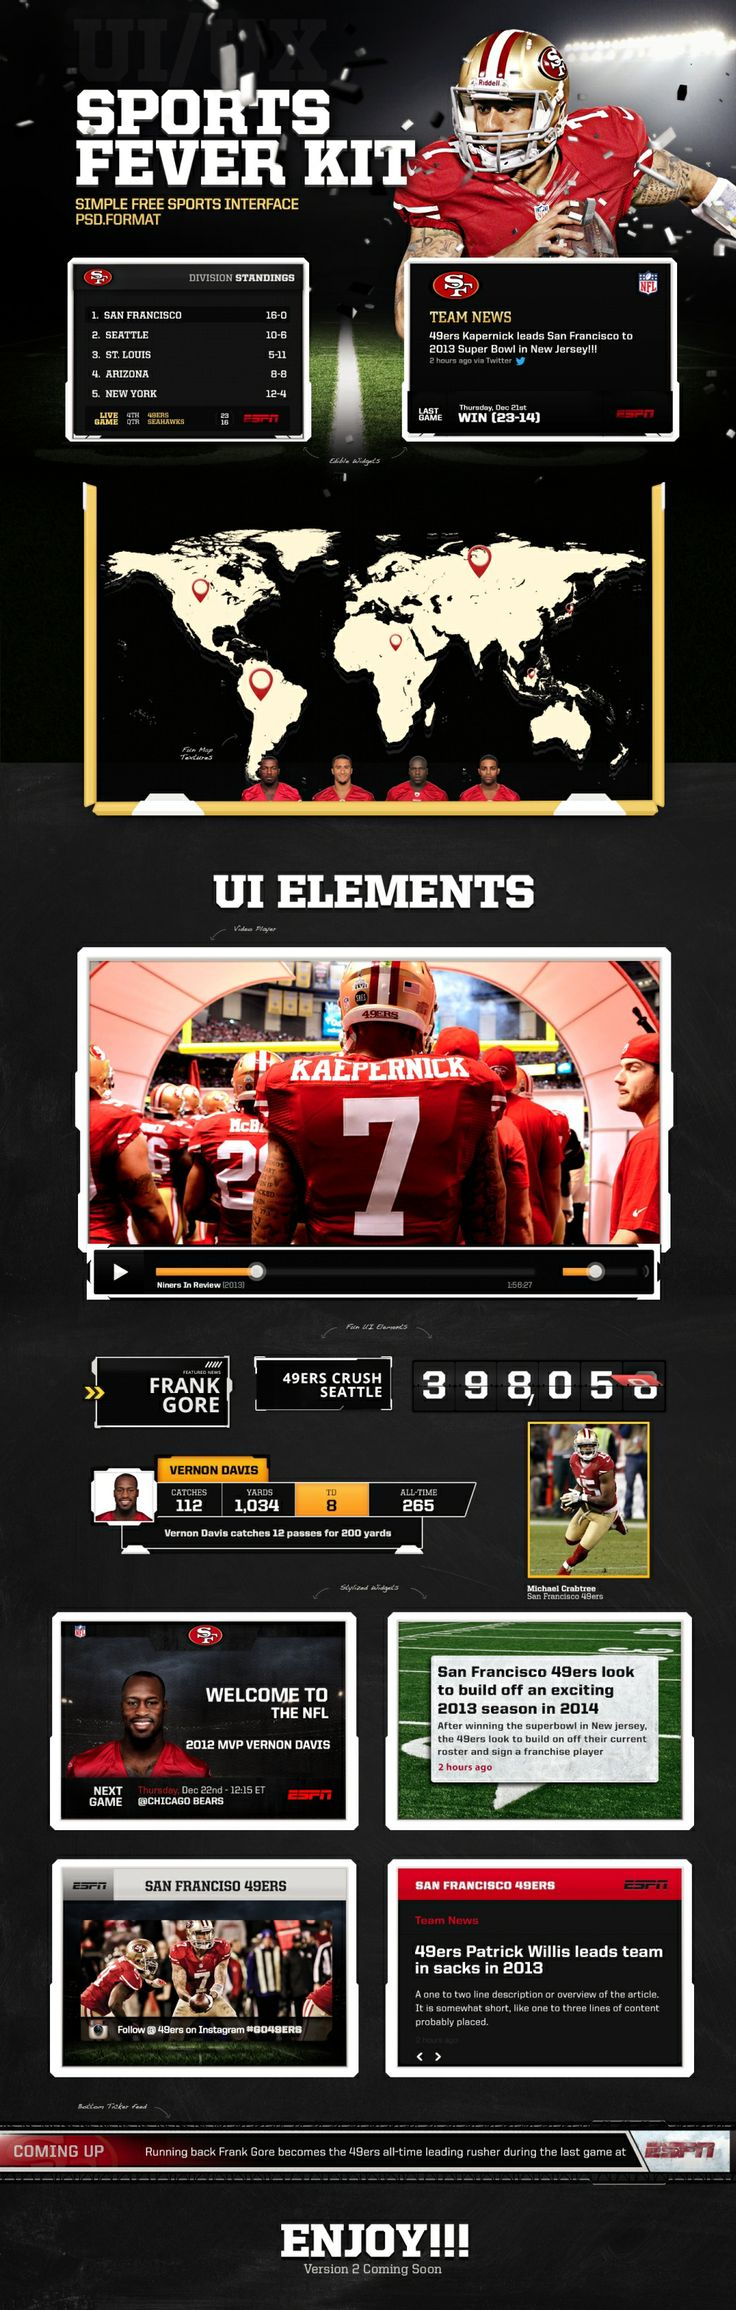 Sports Fever - Free UI Kit